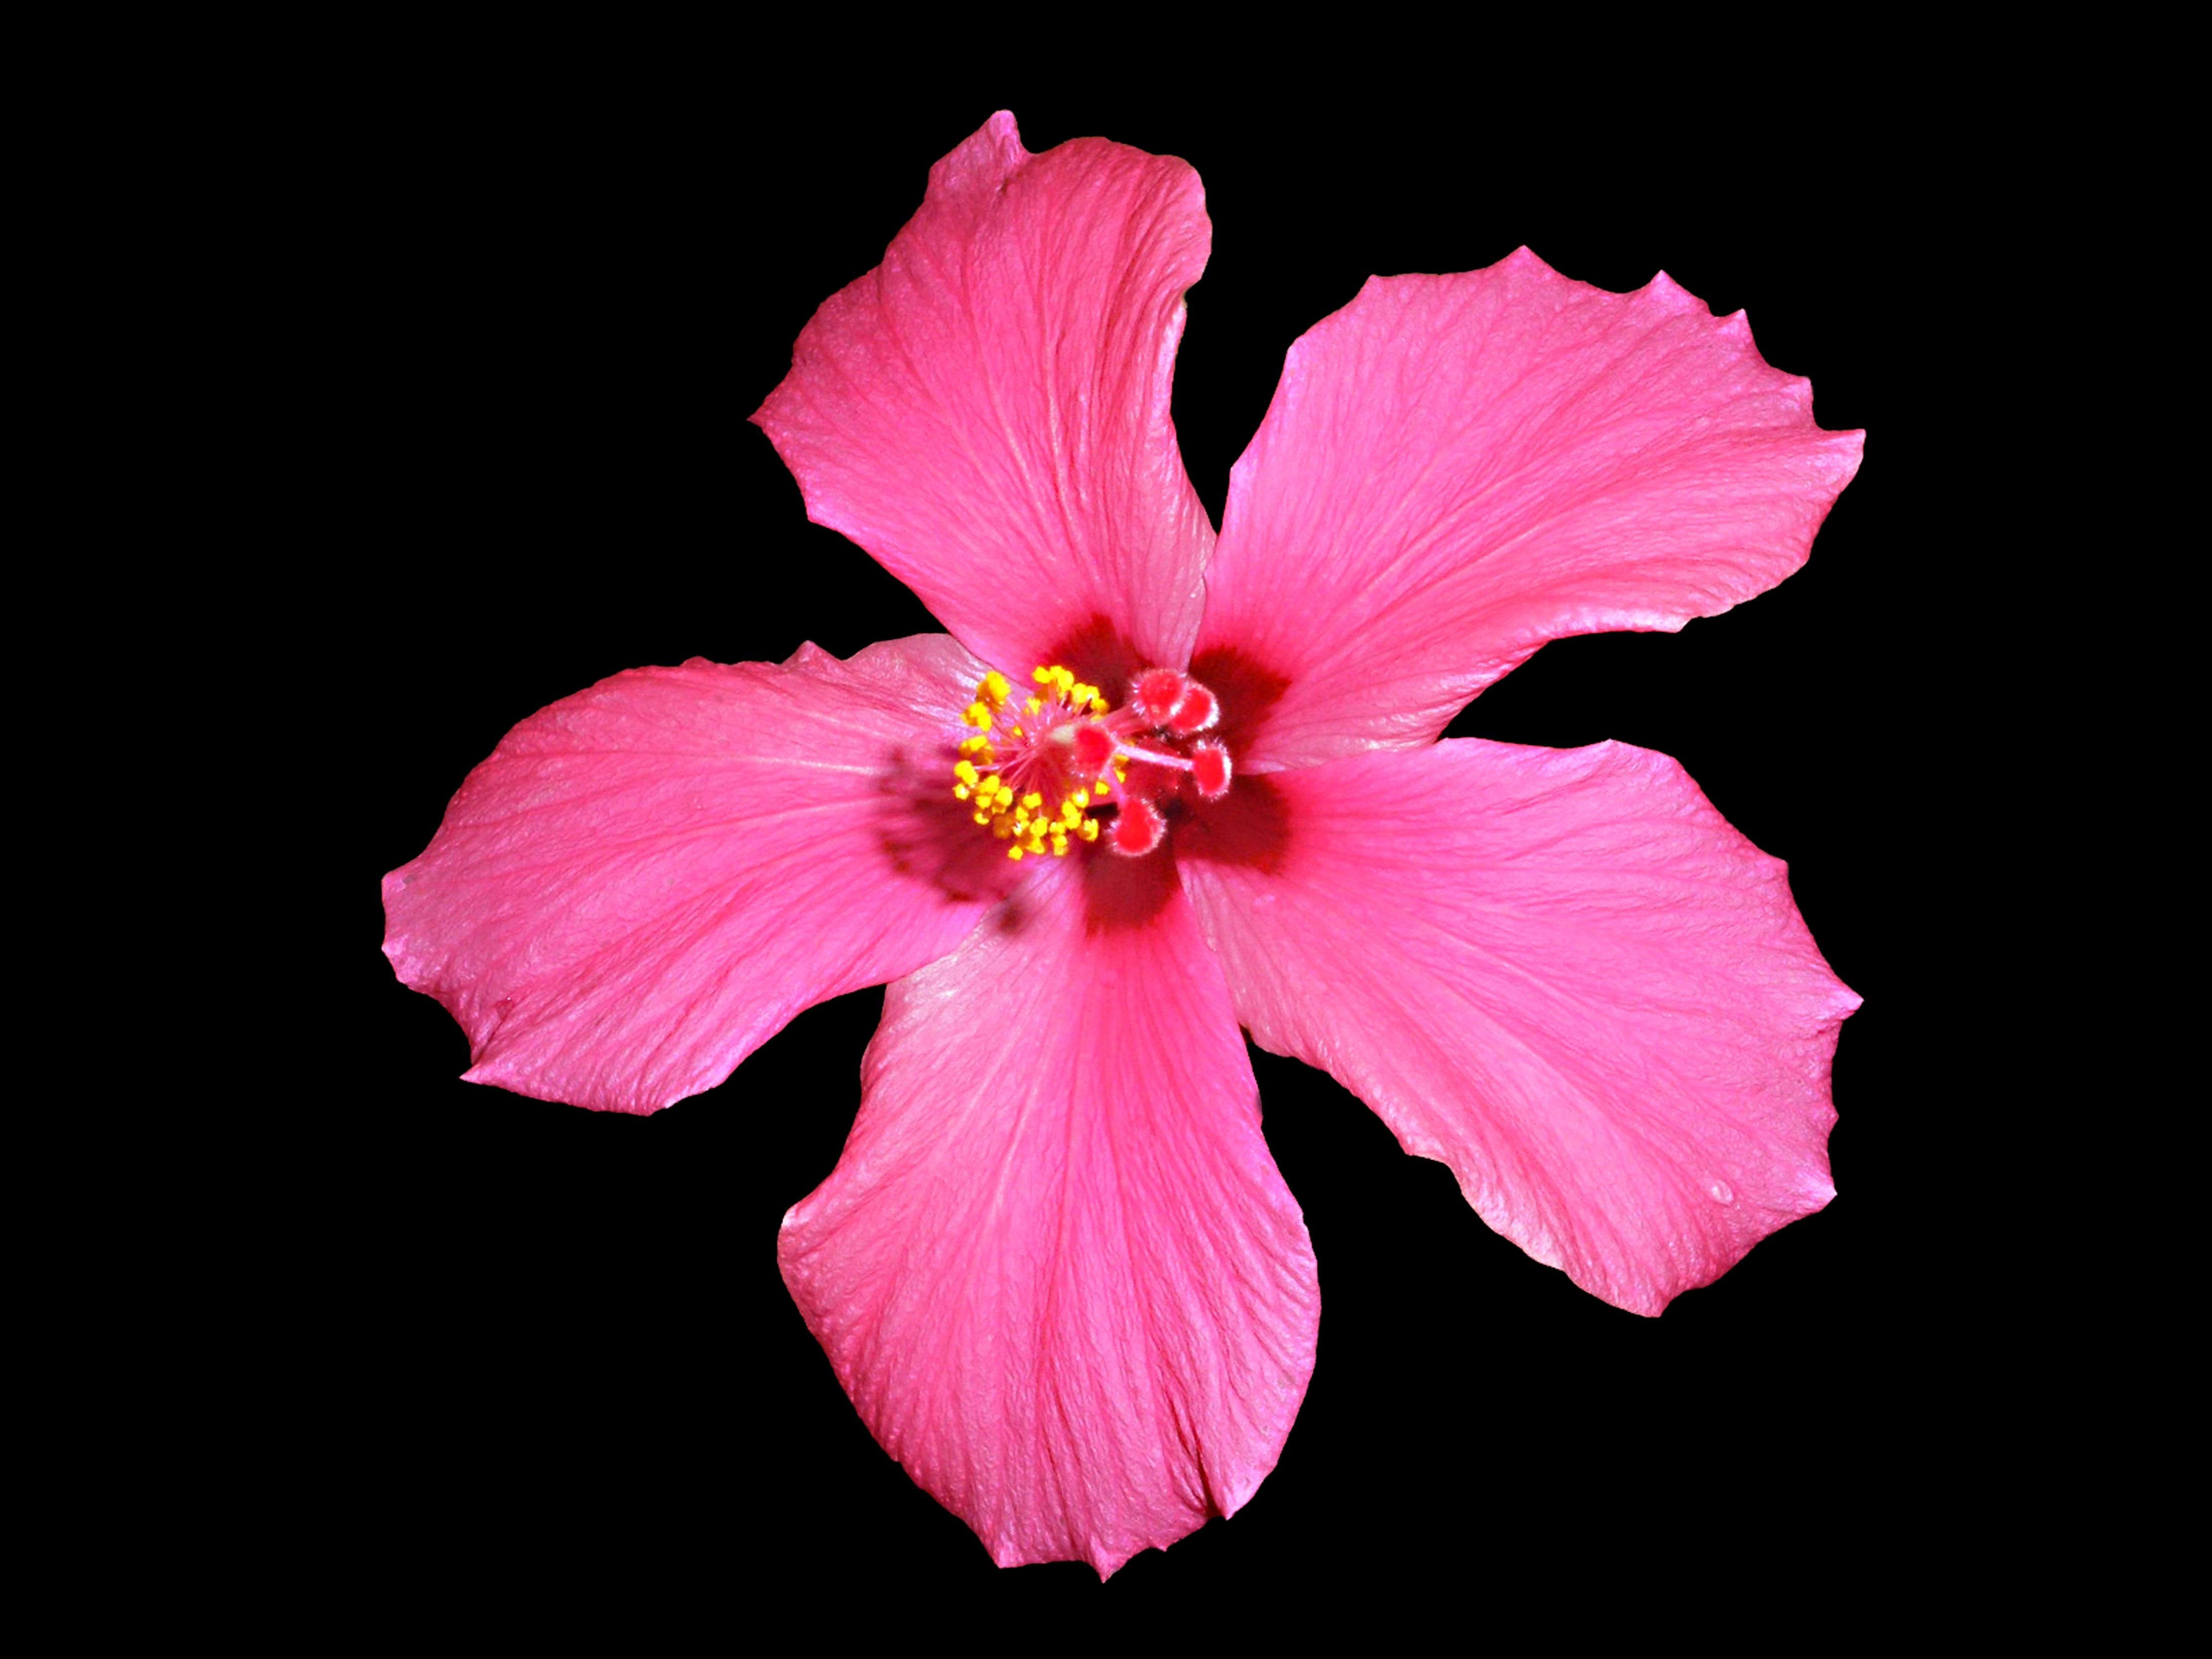 Free Images Nature Blossom Light Flower Petal Floral Spring